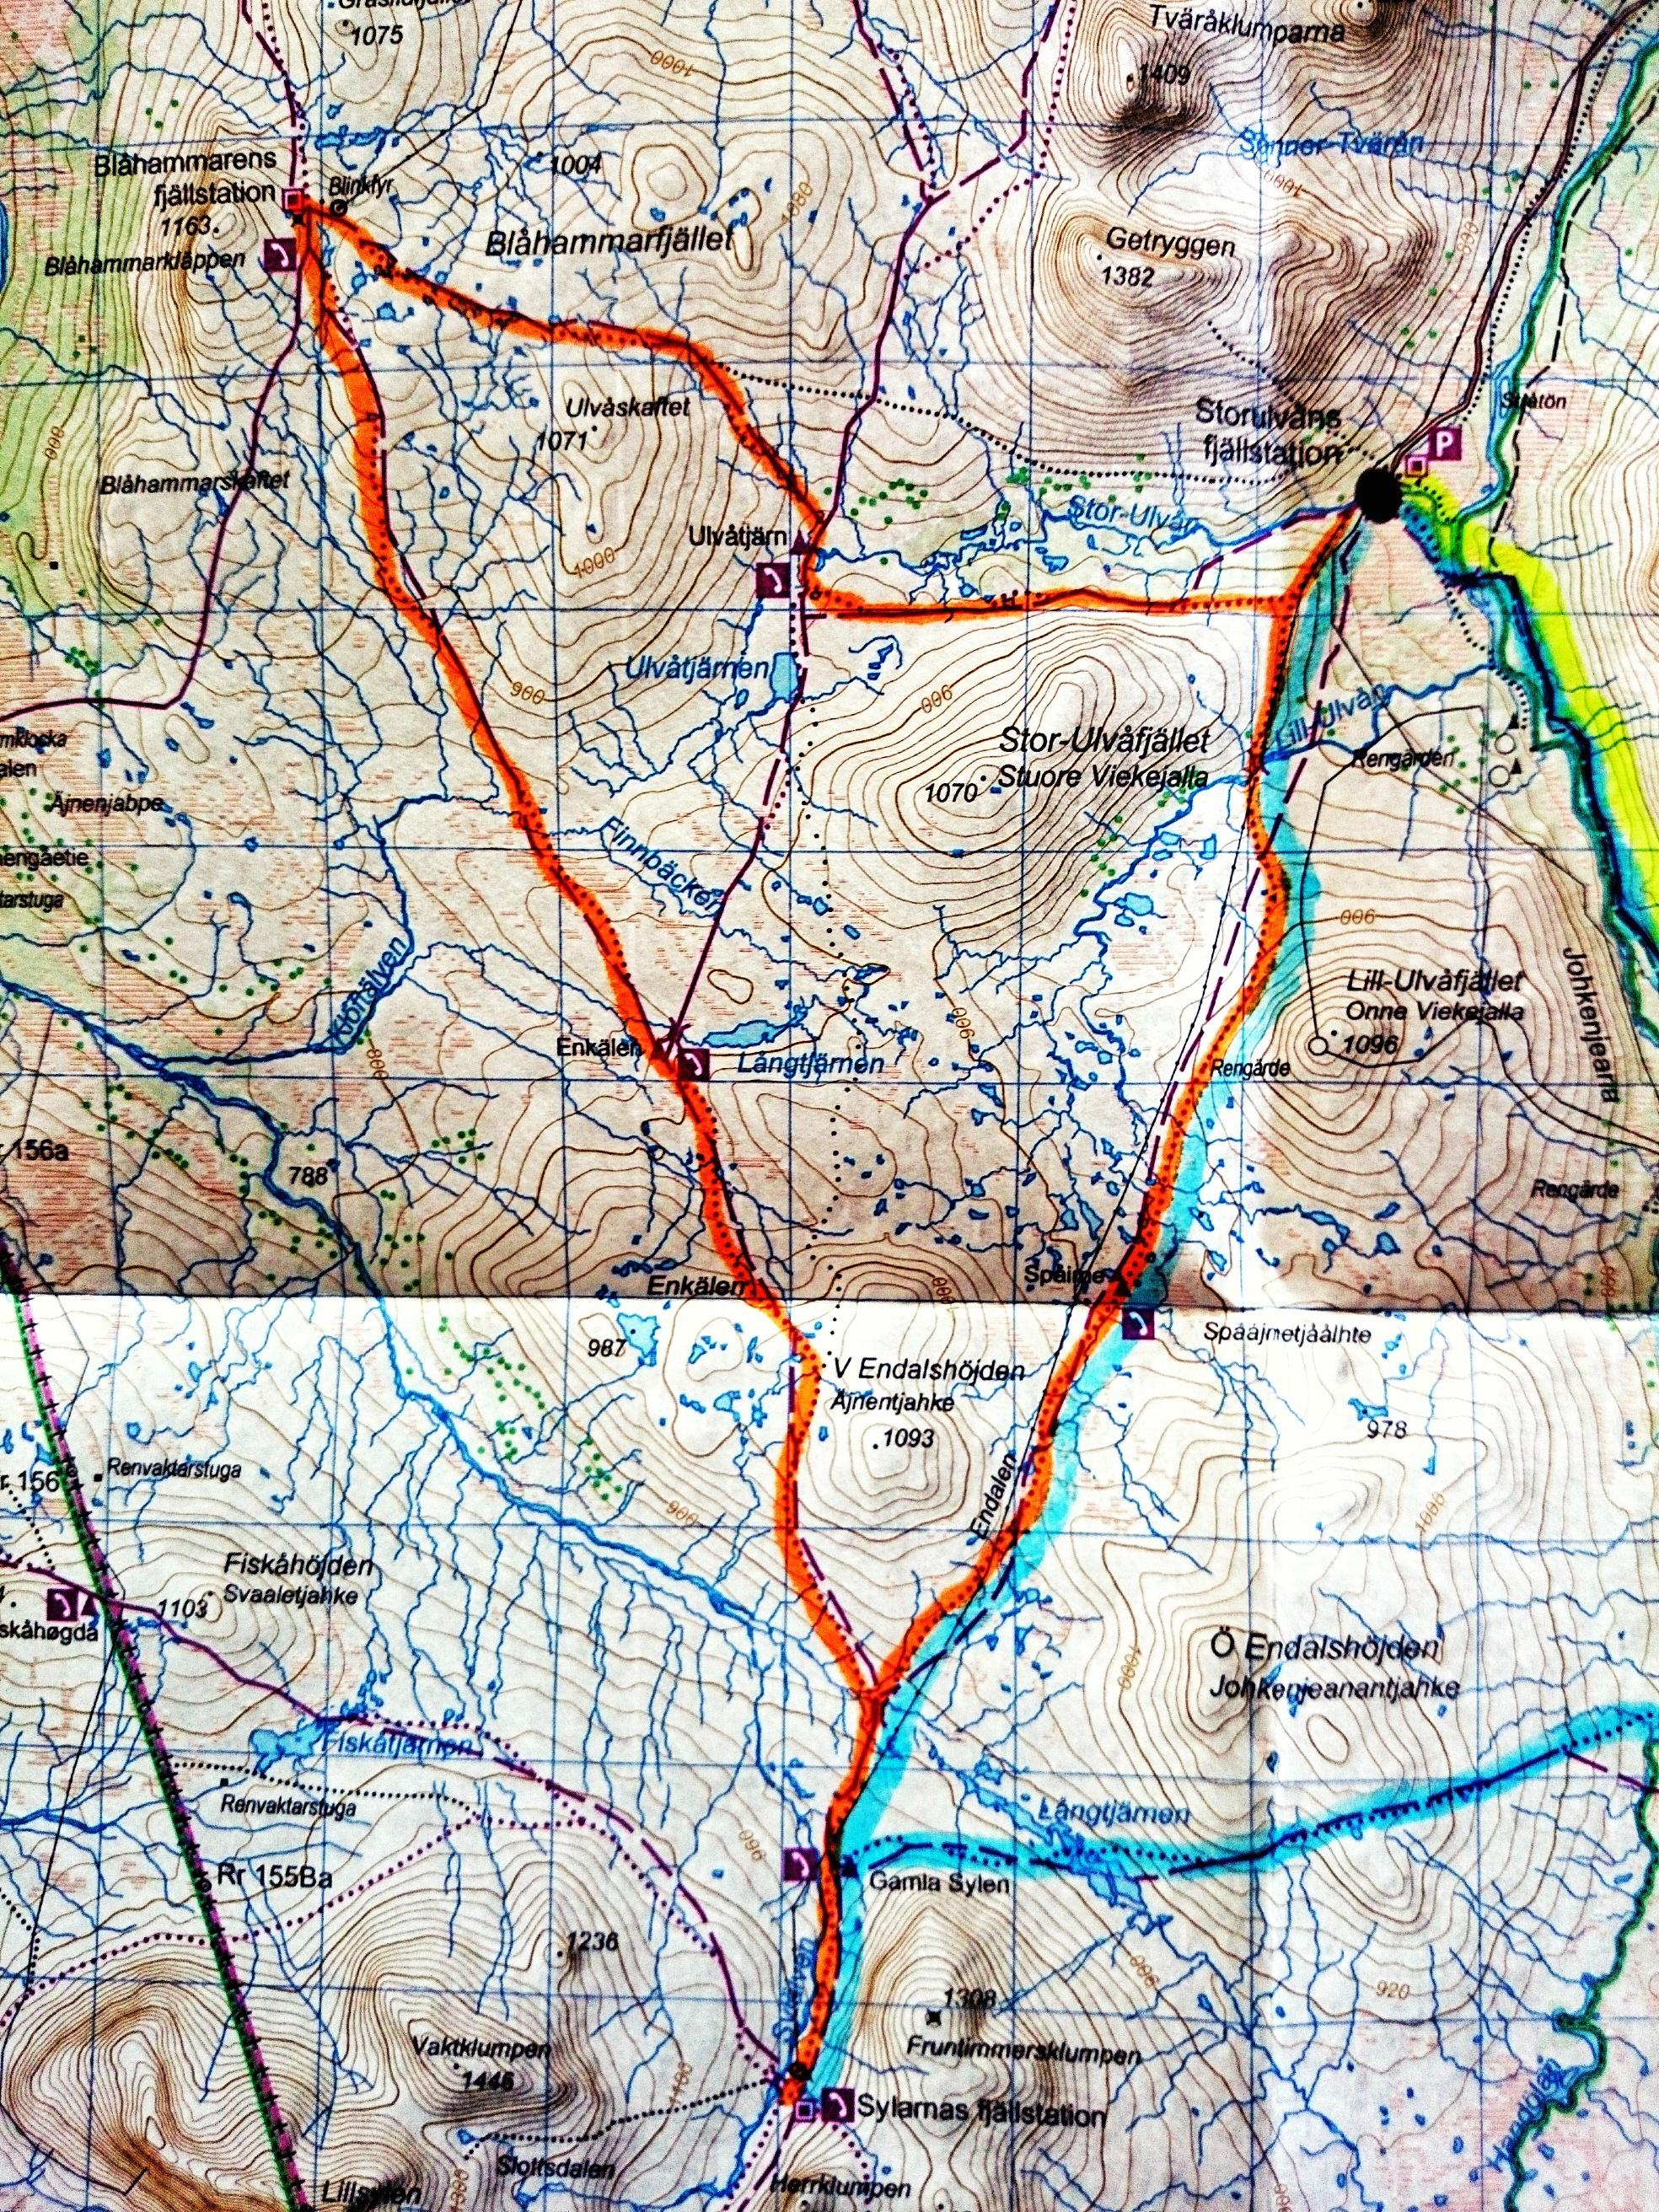 jämtlandstriangeln karta juni | 2014 | Addnaturebloggen jämtlandstriangeln karta